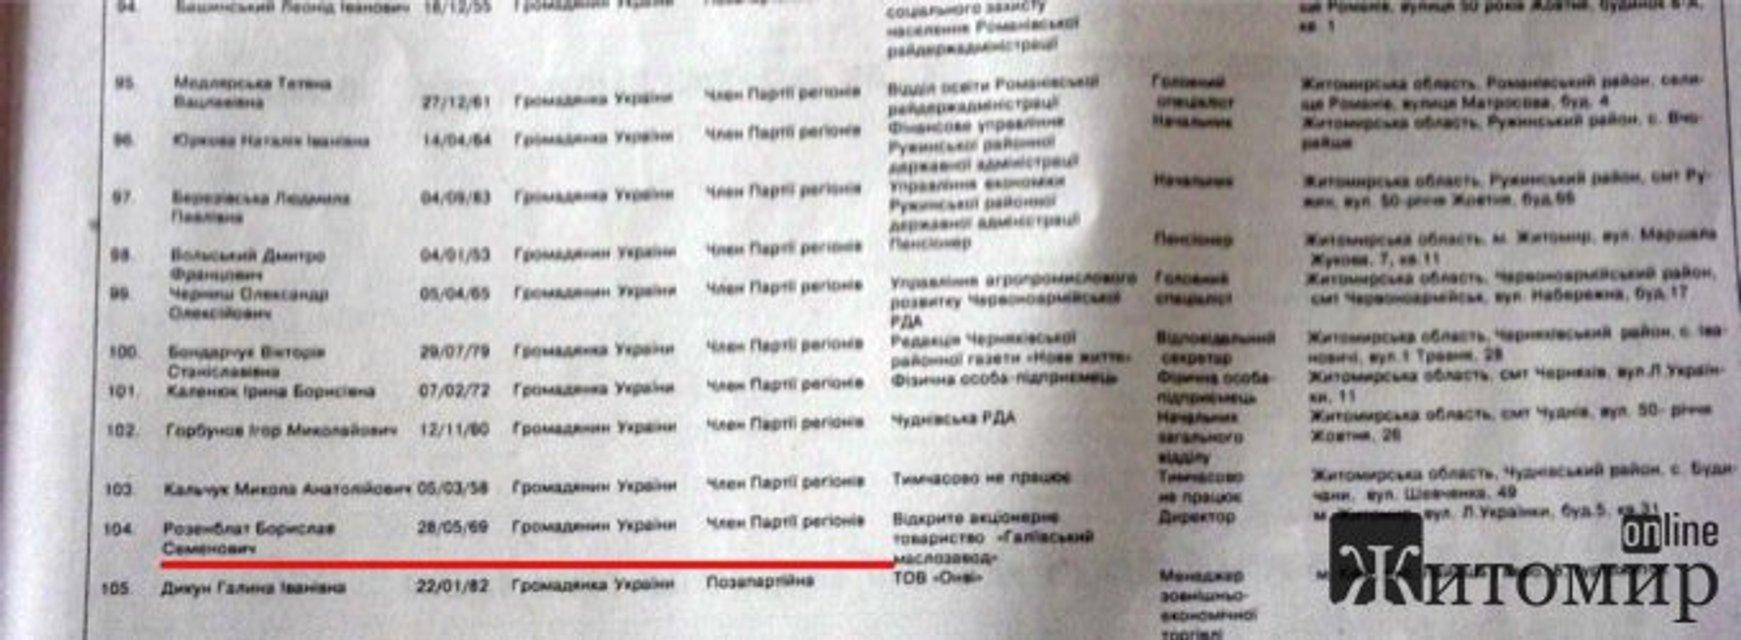 Депутат в масле. Кто такой Борислав Розенблат? - фото 52607